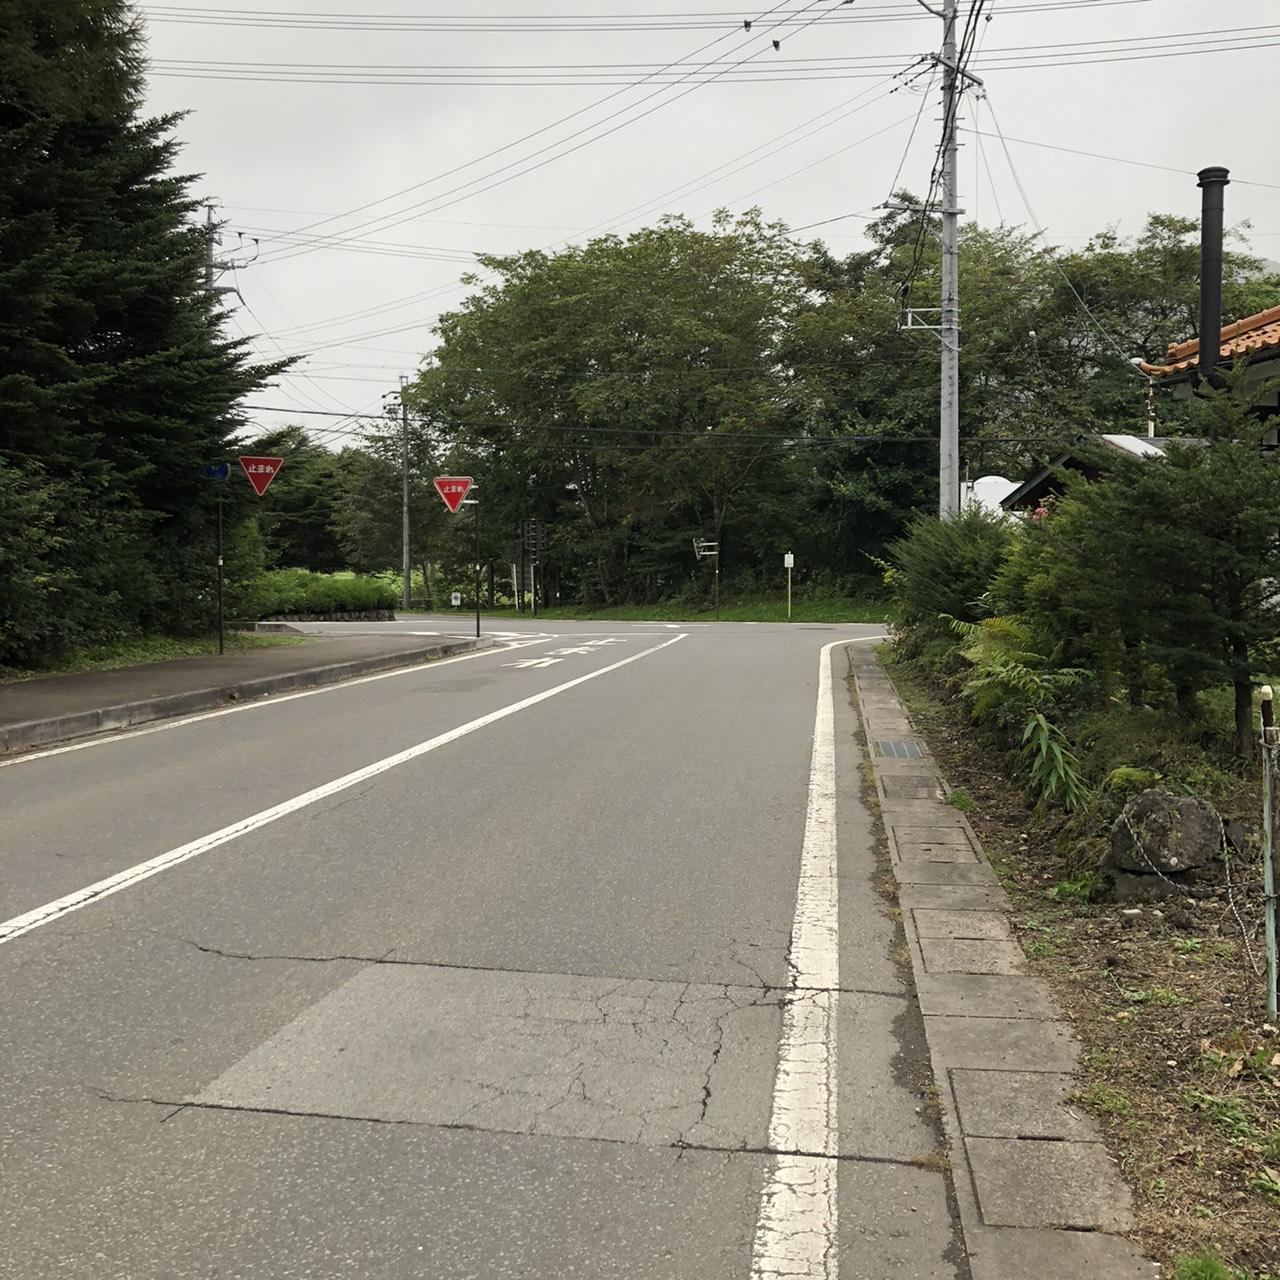 [売土地]発地女街道に面した緑豊かな平坦地